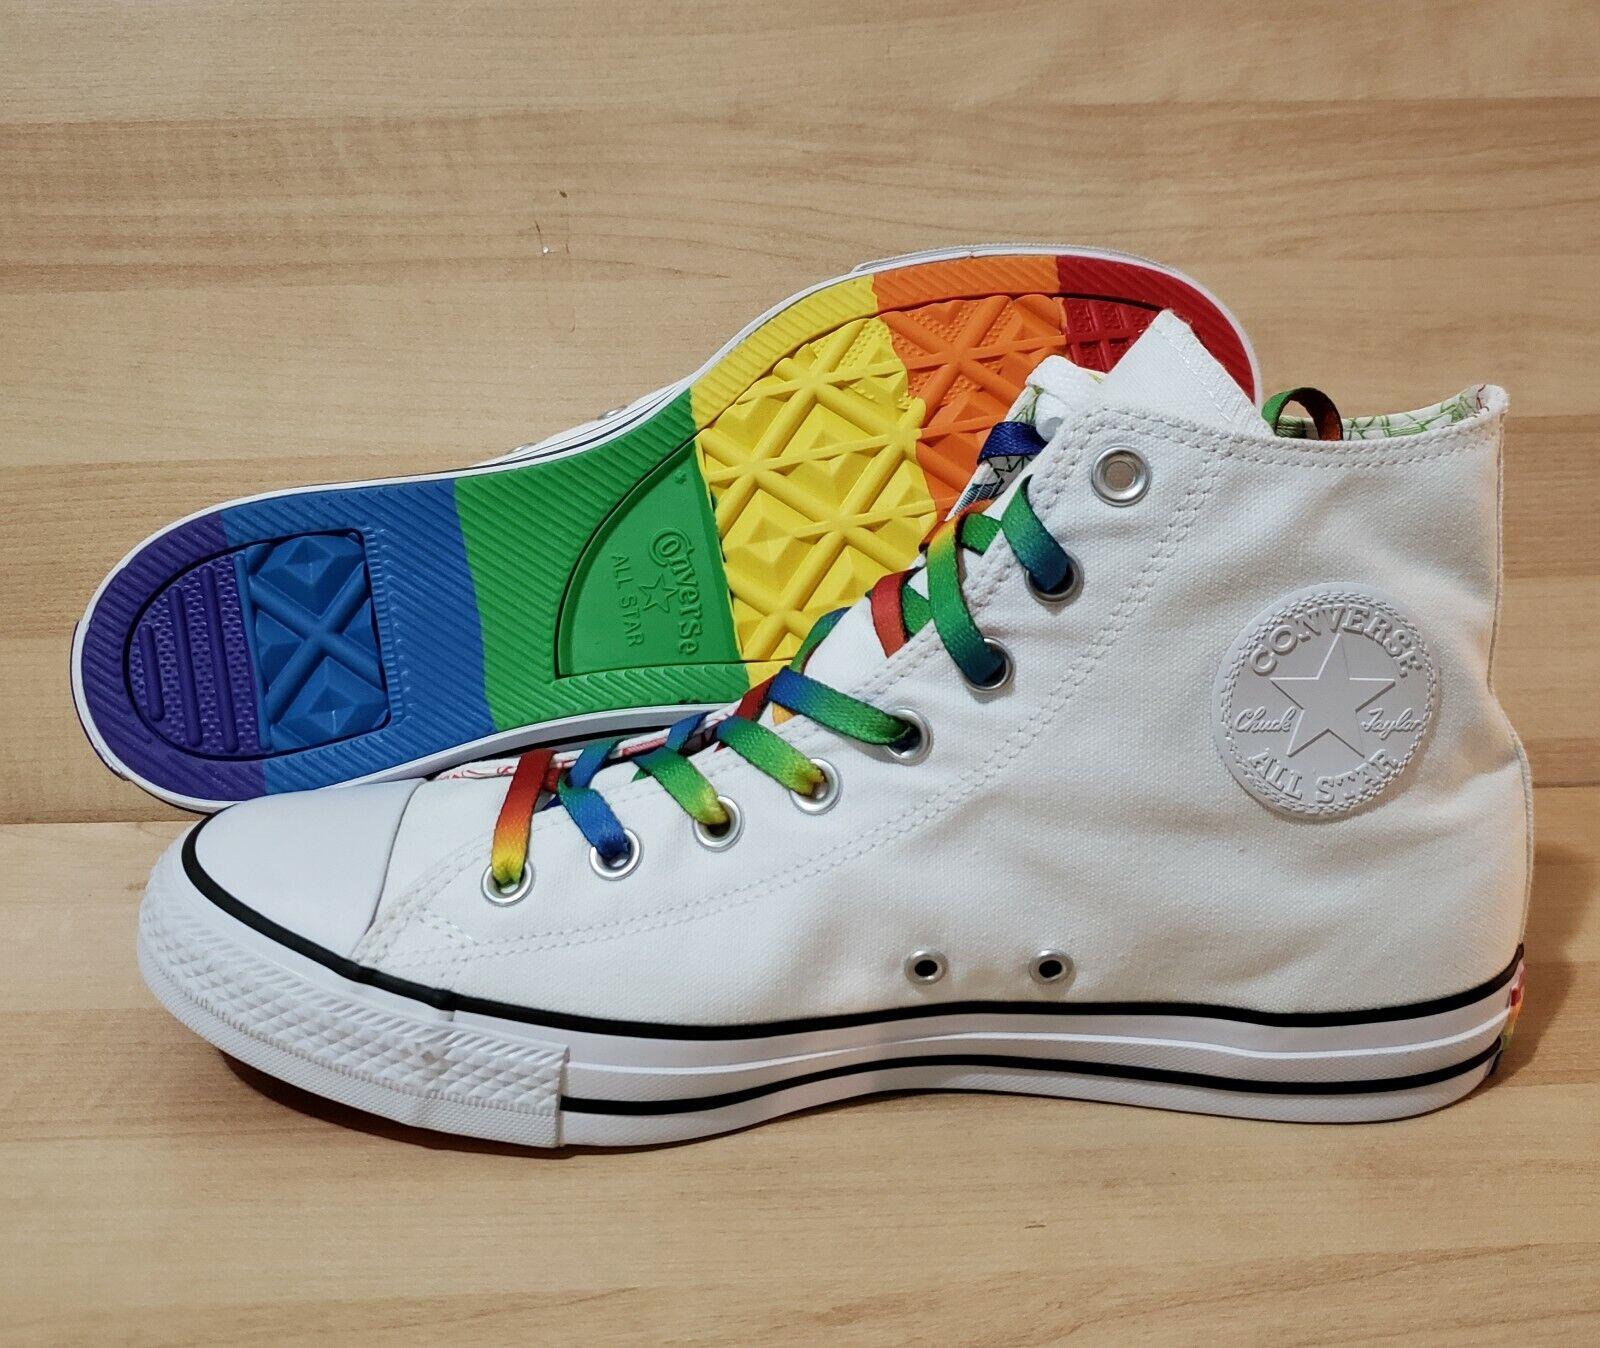 Conversione Tutte le  LGBT Gay Pride Dimensione 10 Rainbow Athletic scarpe 157375c Multi  economico